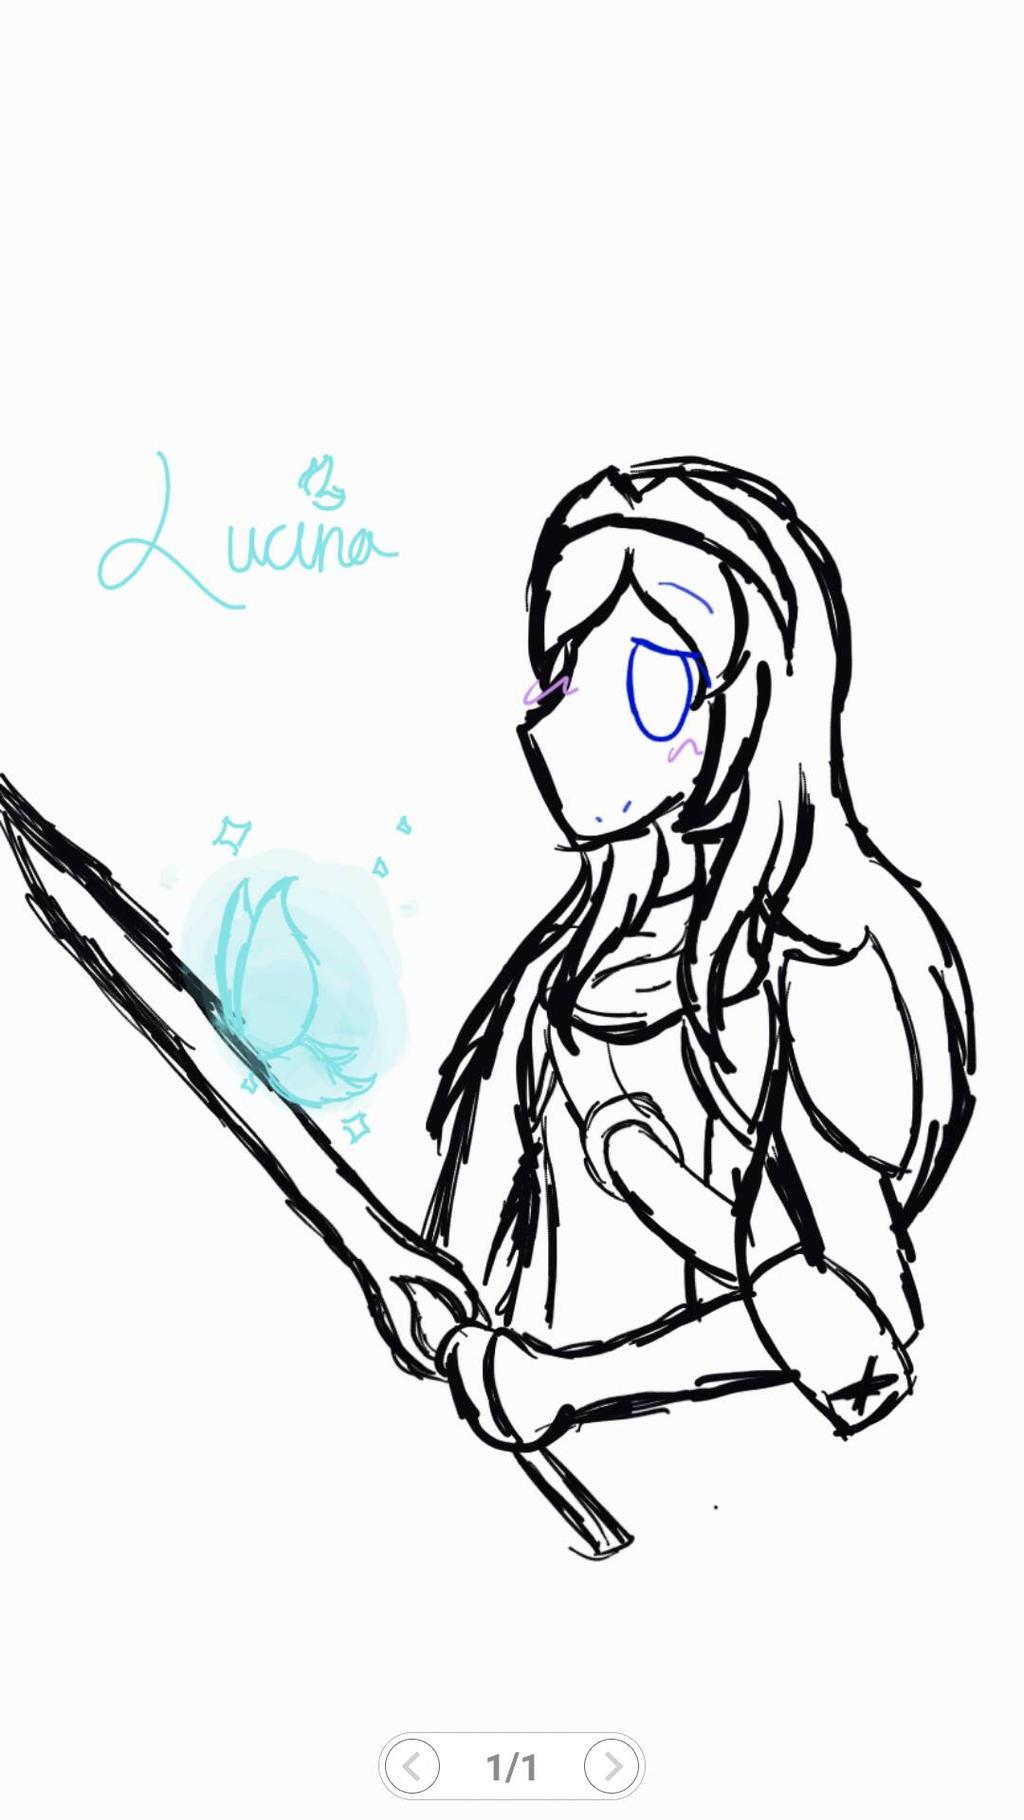 Fire Emblem ~ Lucina by rockythebunny13